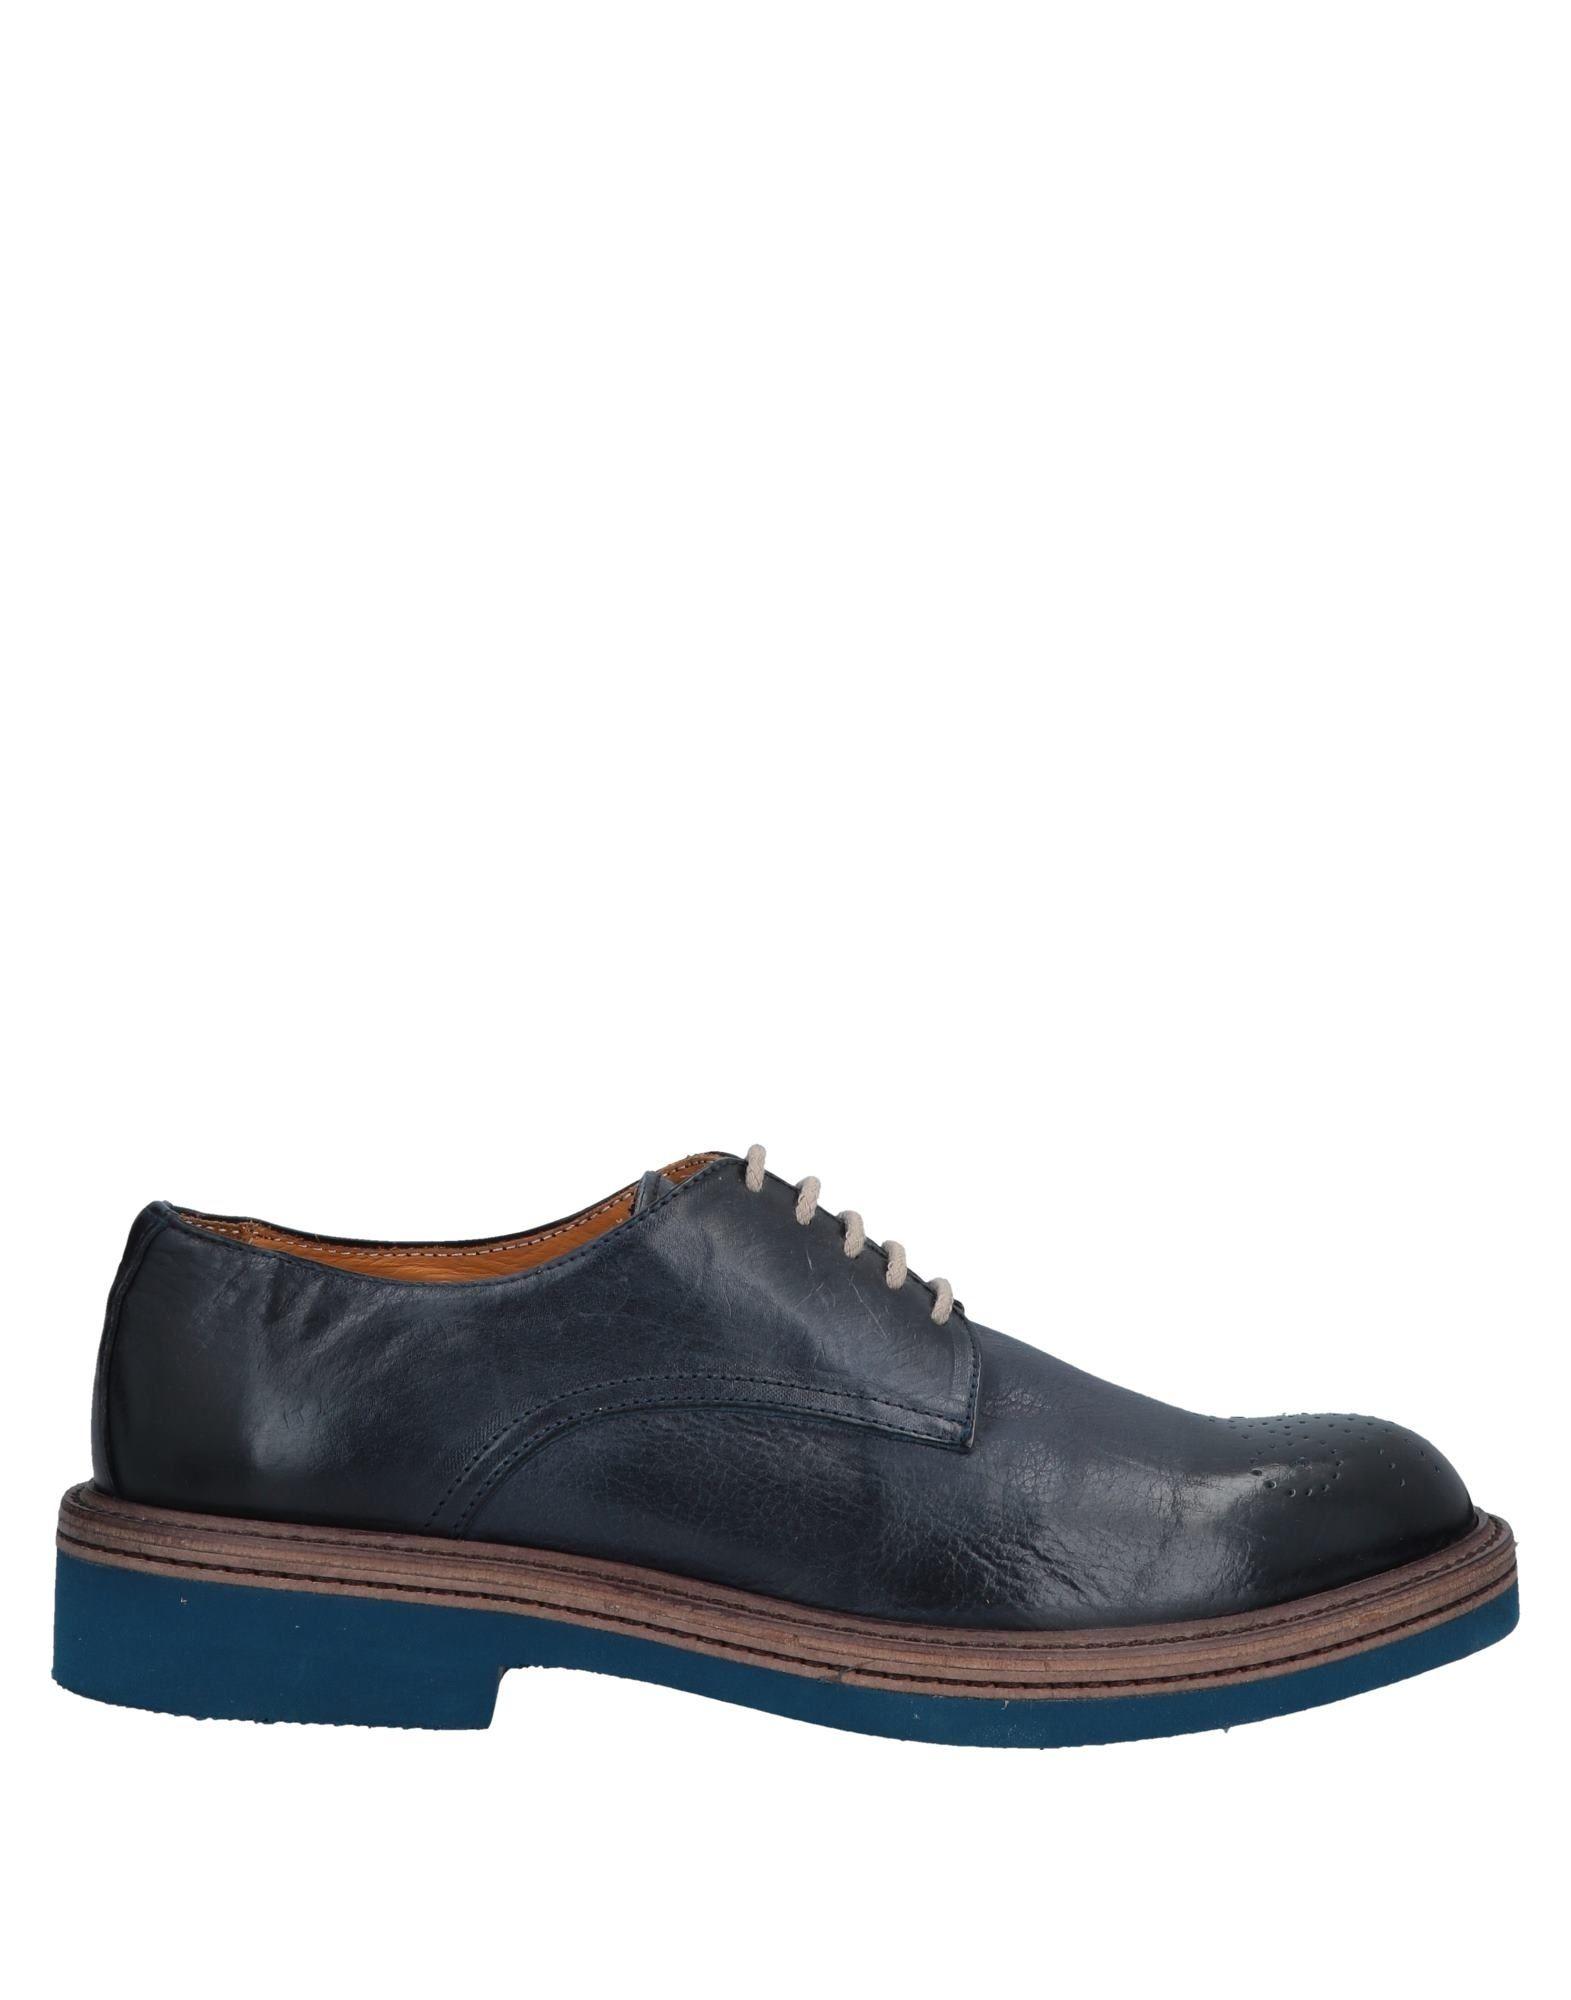 MARC EDELSON Обувь на шнурках 50pcs fsl206mr